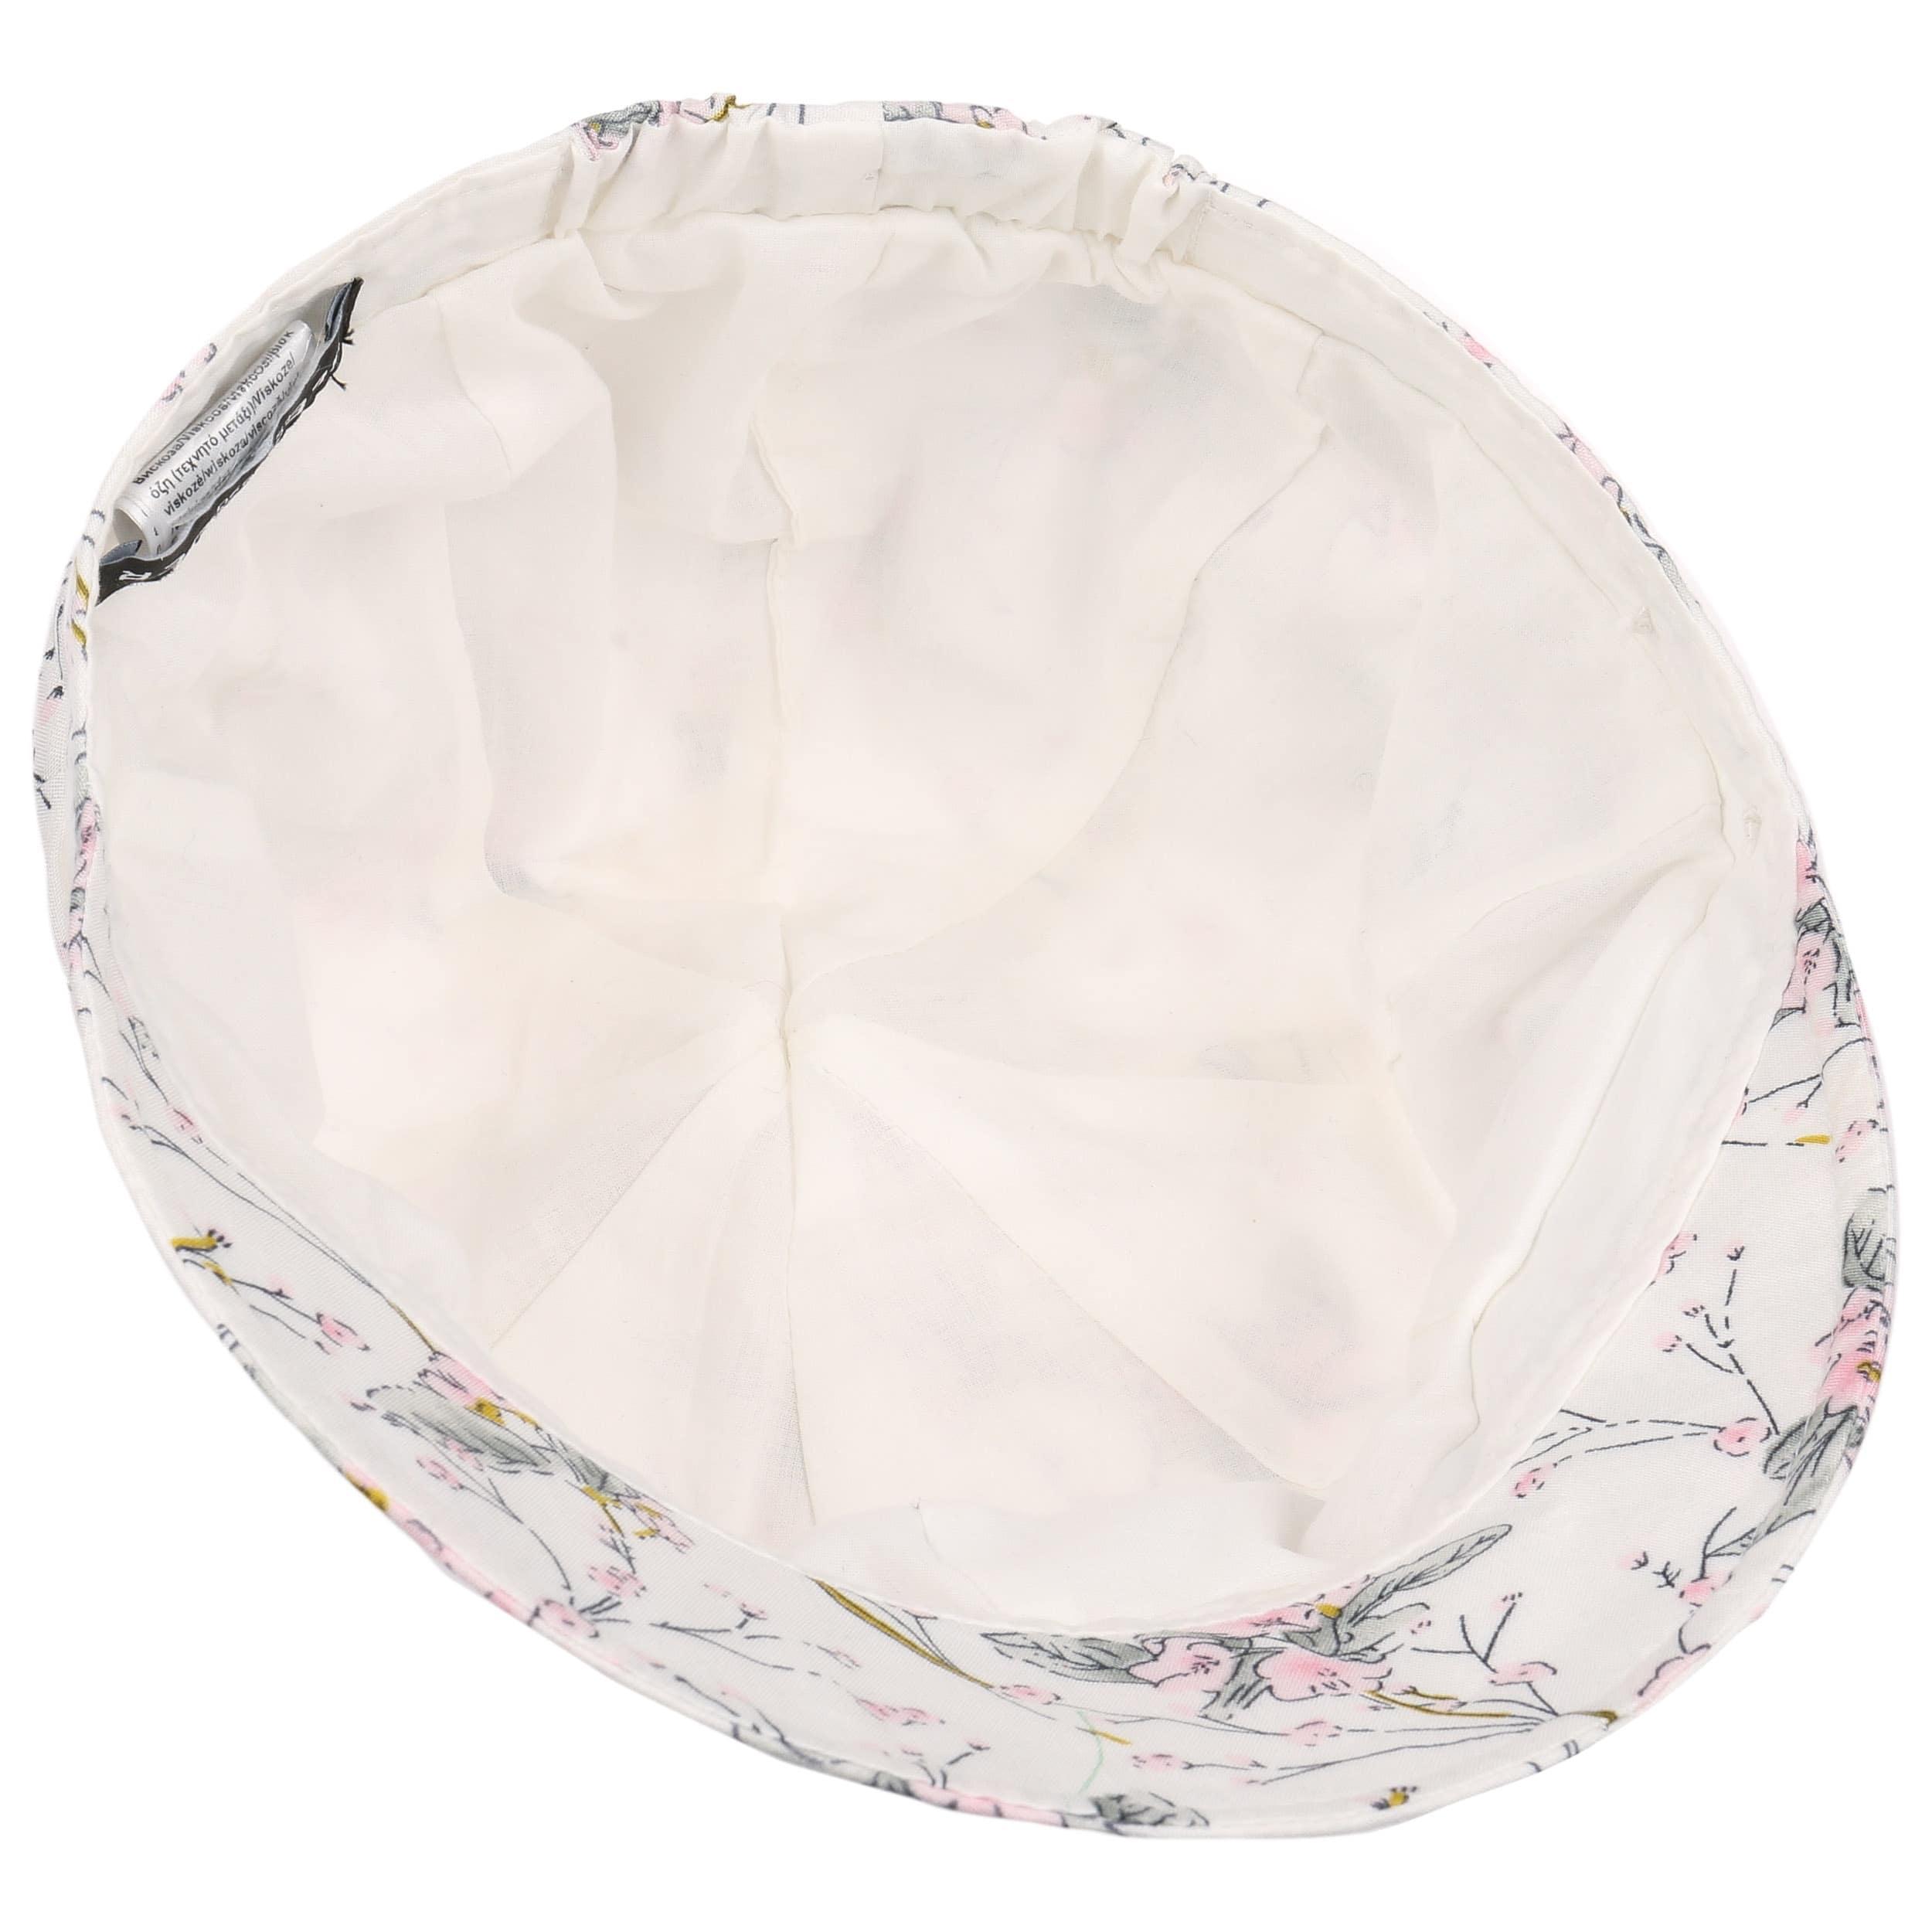 WGHUA Chaussettes De Soin des Pieds 1 Paire De Chaussettes en Gel Gel Hydratant Au Talon Craquel/é Protecteur De La Peau des Pieds Anti-Fissuration